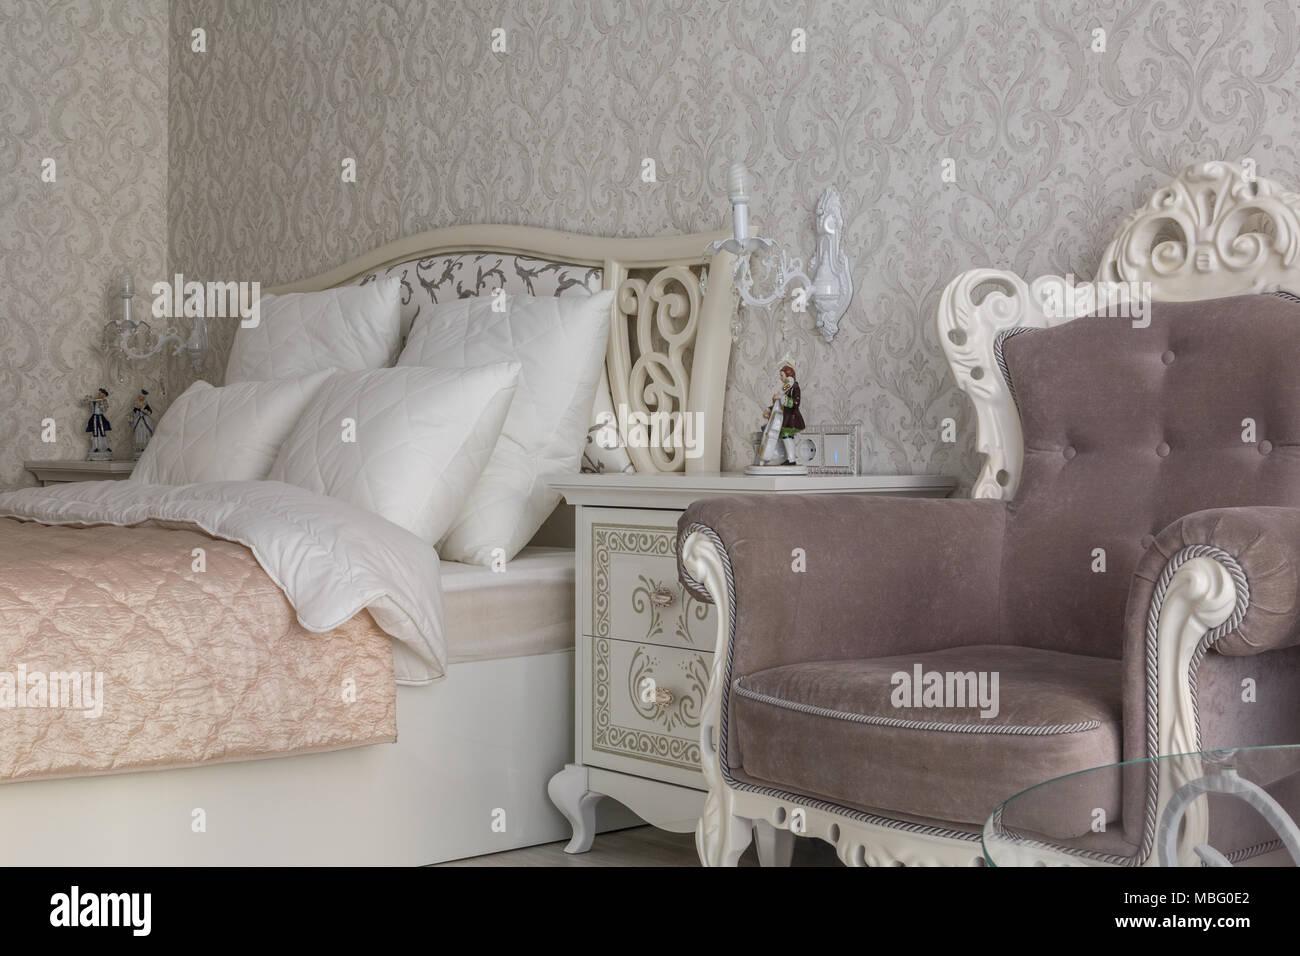 Furniture Details Stockfotos & Furniture Details Bilder - Seite 20 ...